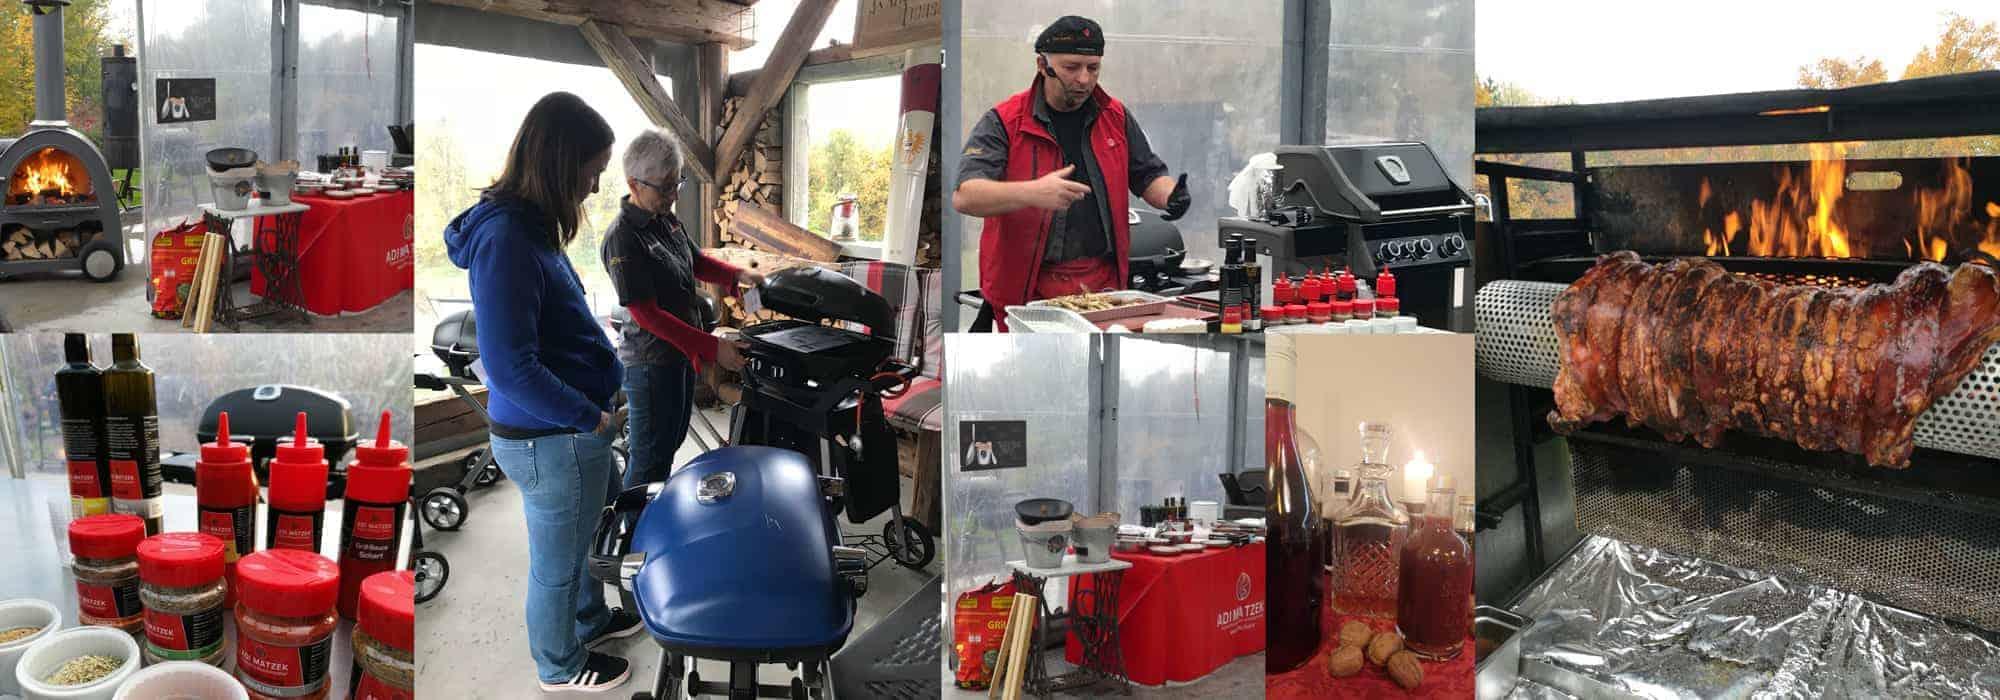 Winteropening Grillschule Adi Matzek